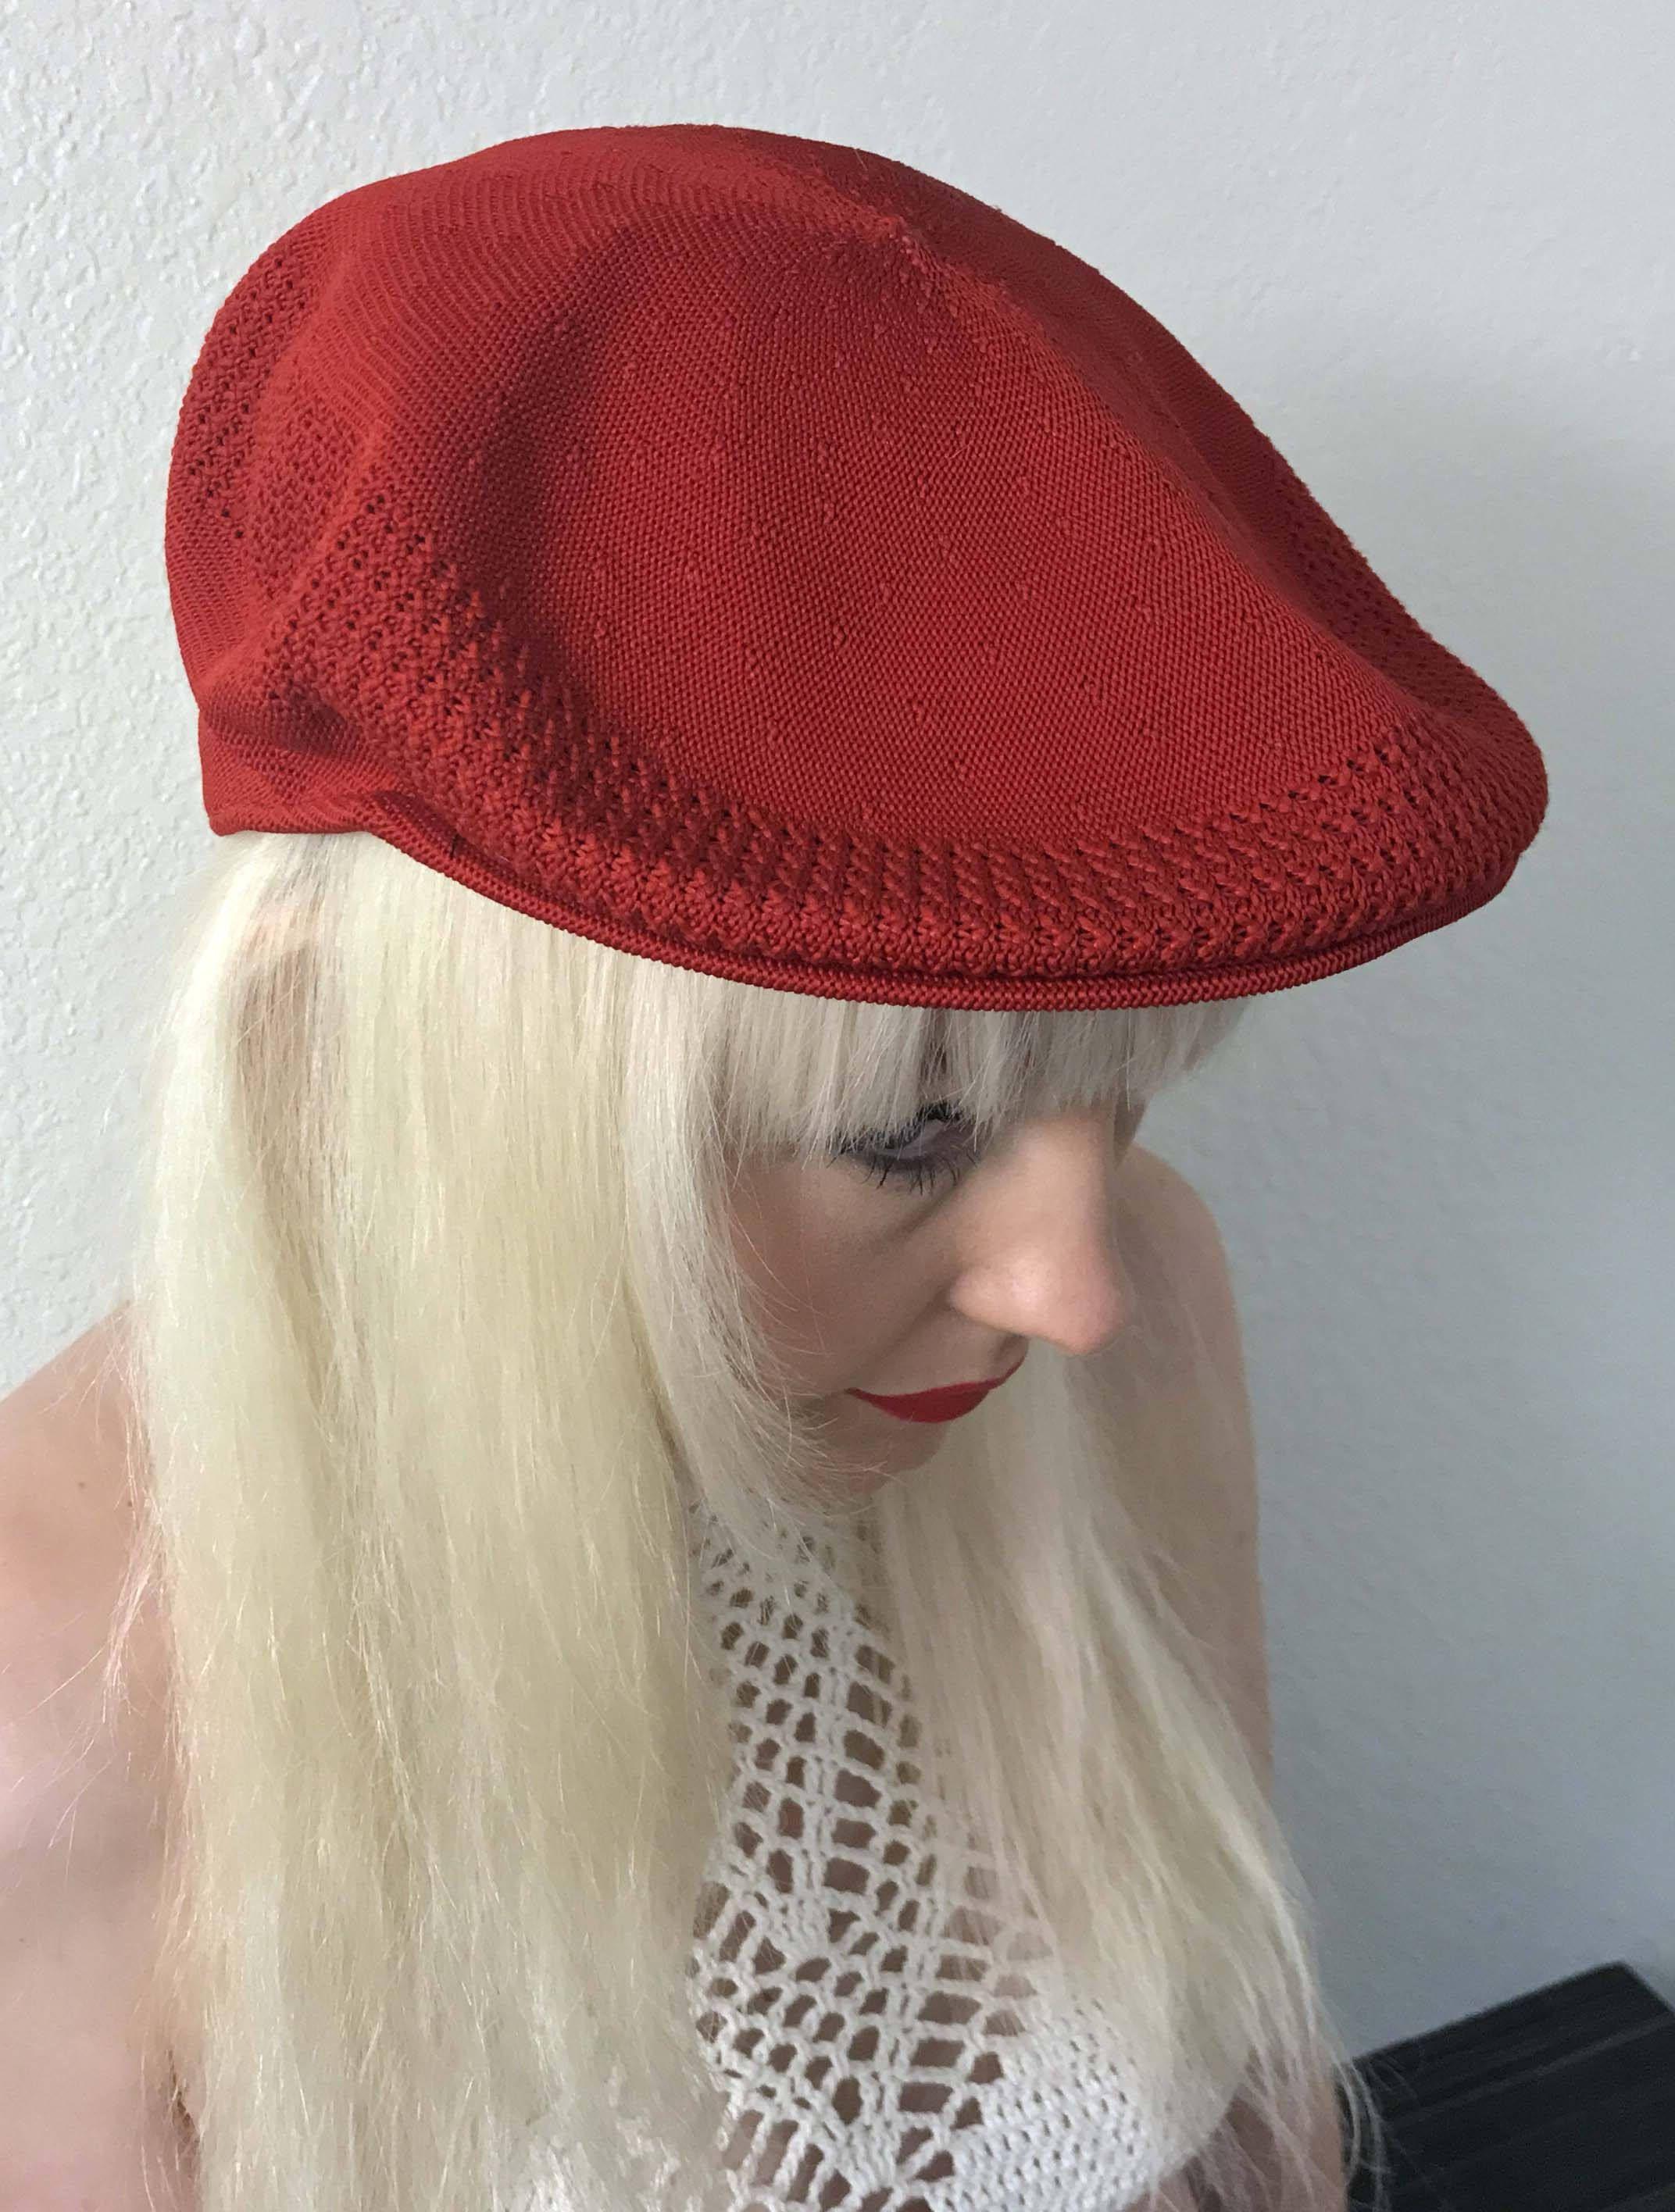 ec450565469 A bright red vintage beret